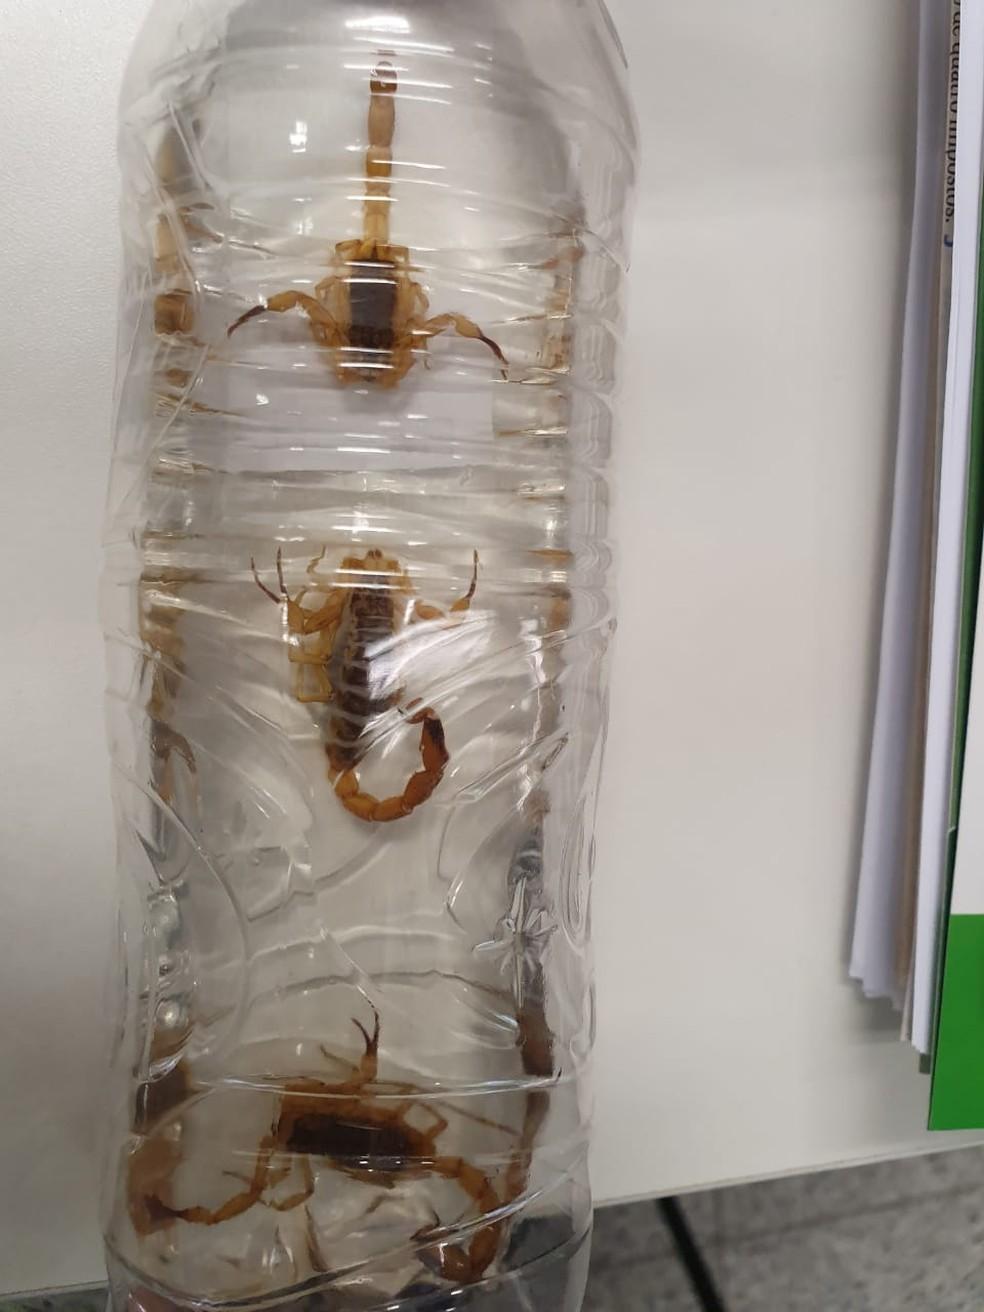 Três escorpiões foram encontrados no subsolo da Ala Alexandre Costa, no Senado Federal — Foto: Divulgação